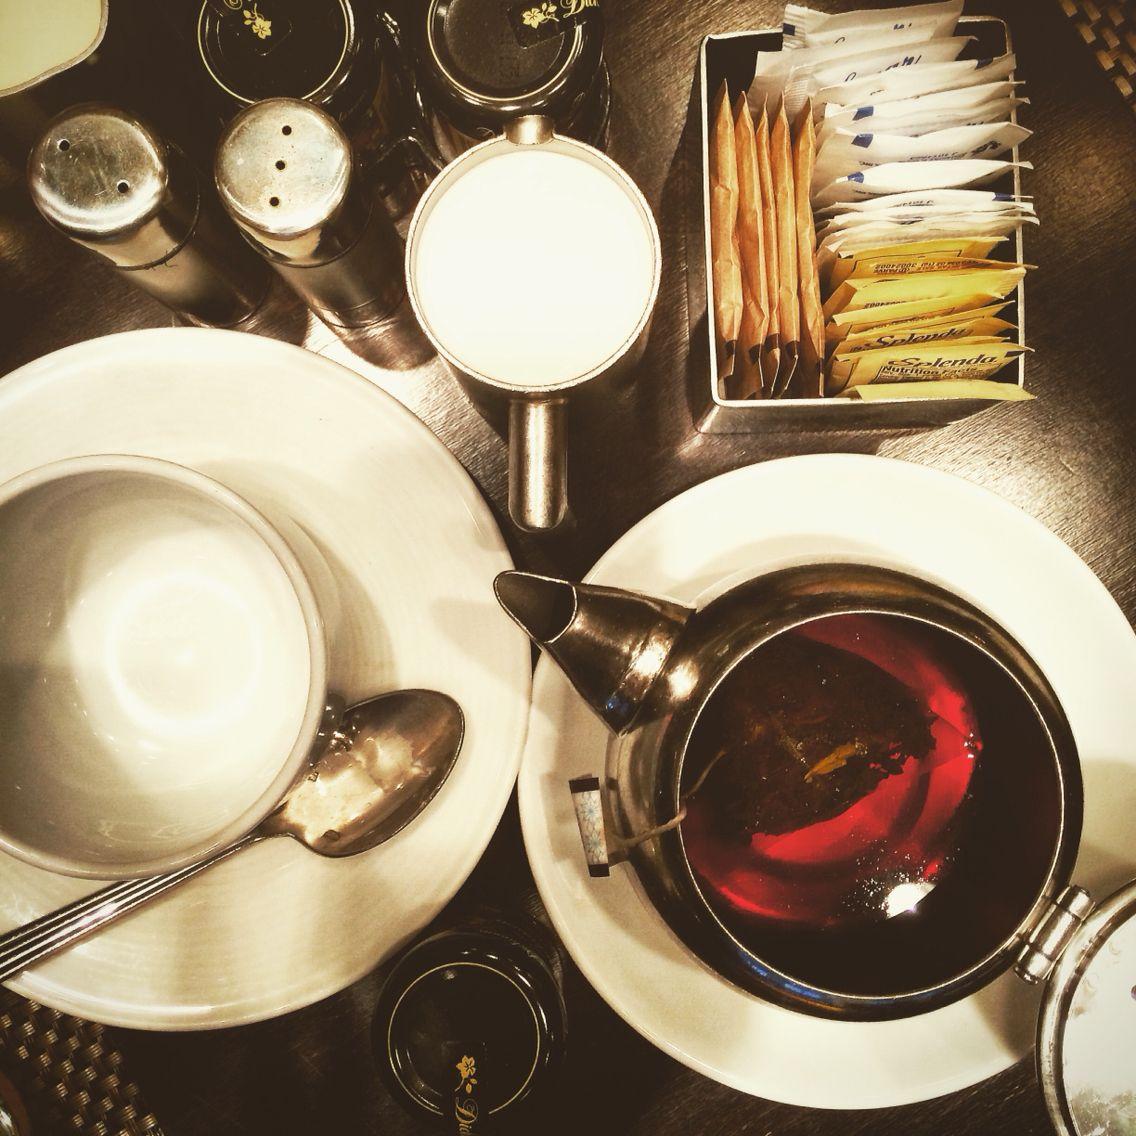 Vintage teestube tea time at chicagous warwick allerton hotel  pure nostalgia